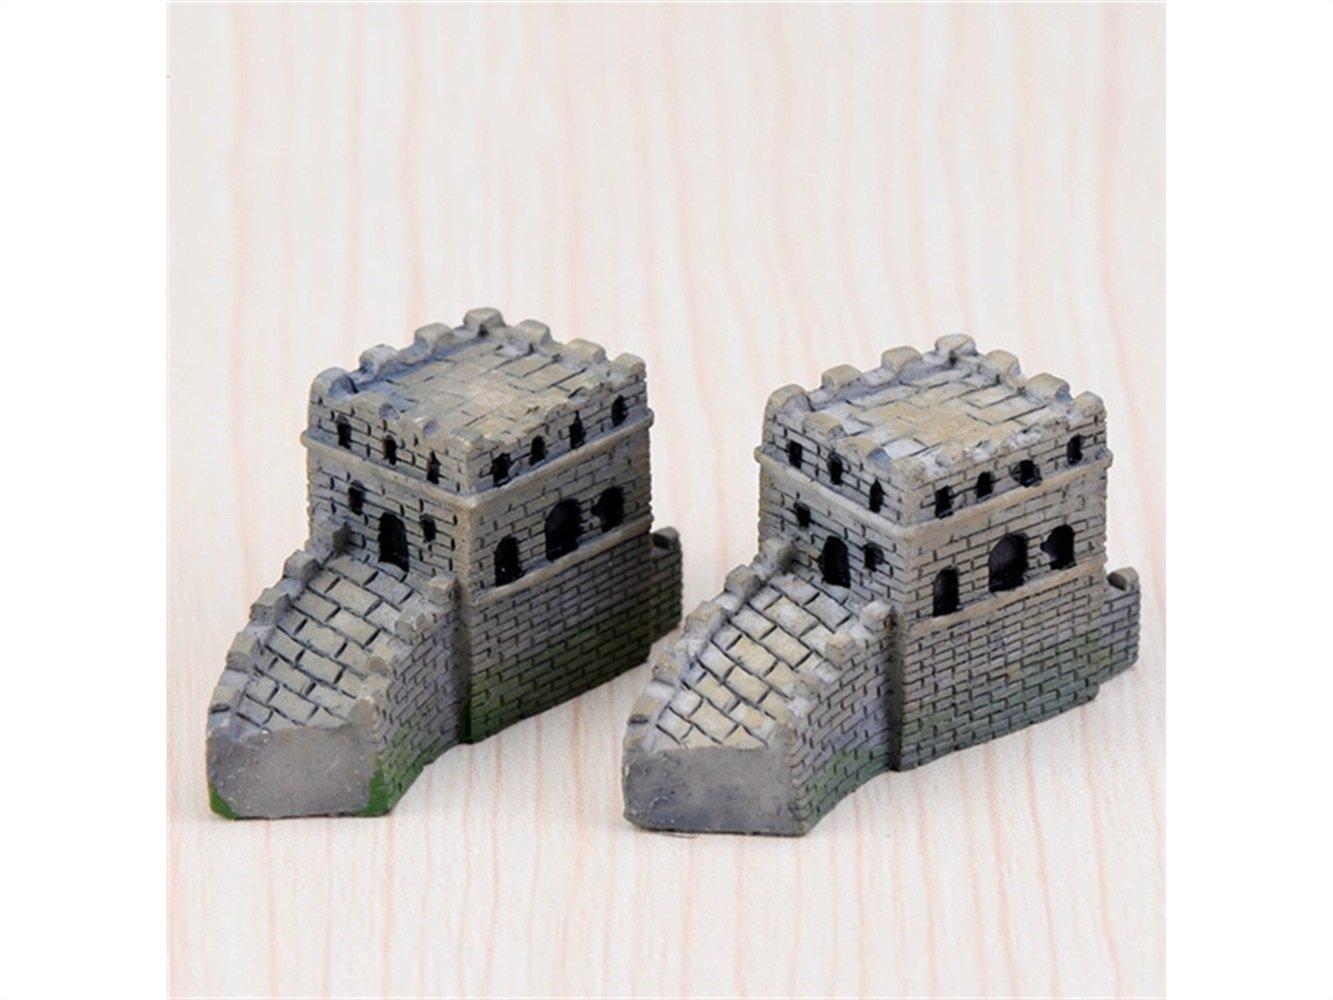 Kxrzu Groß 2 Stücke Miniatur Chinesische Große Mauer Ornament Micro Landschaft für Garten Dekoration (Grau)